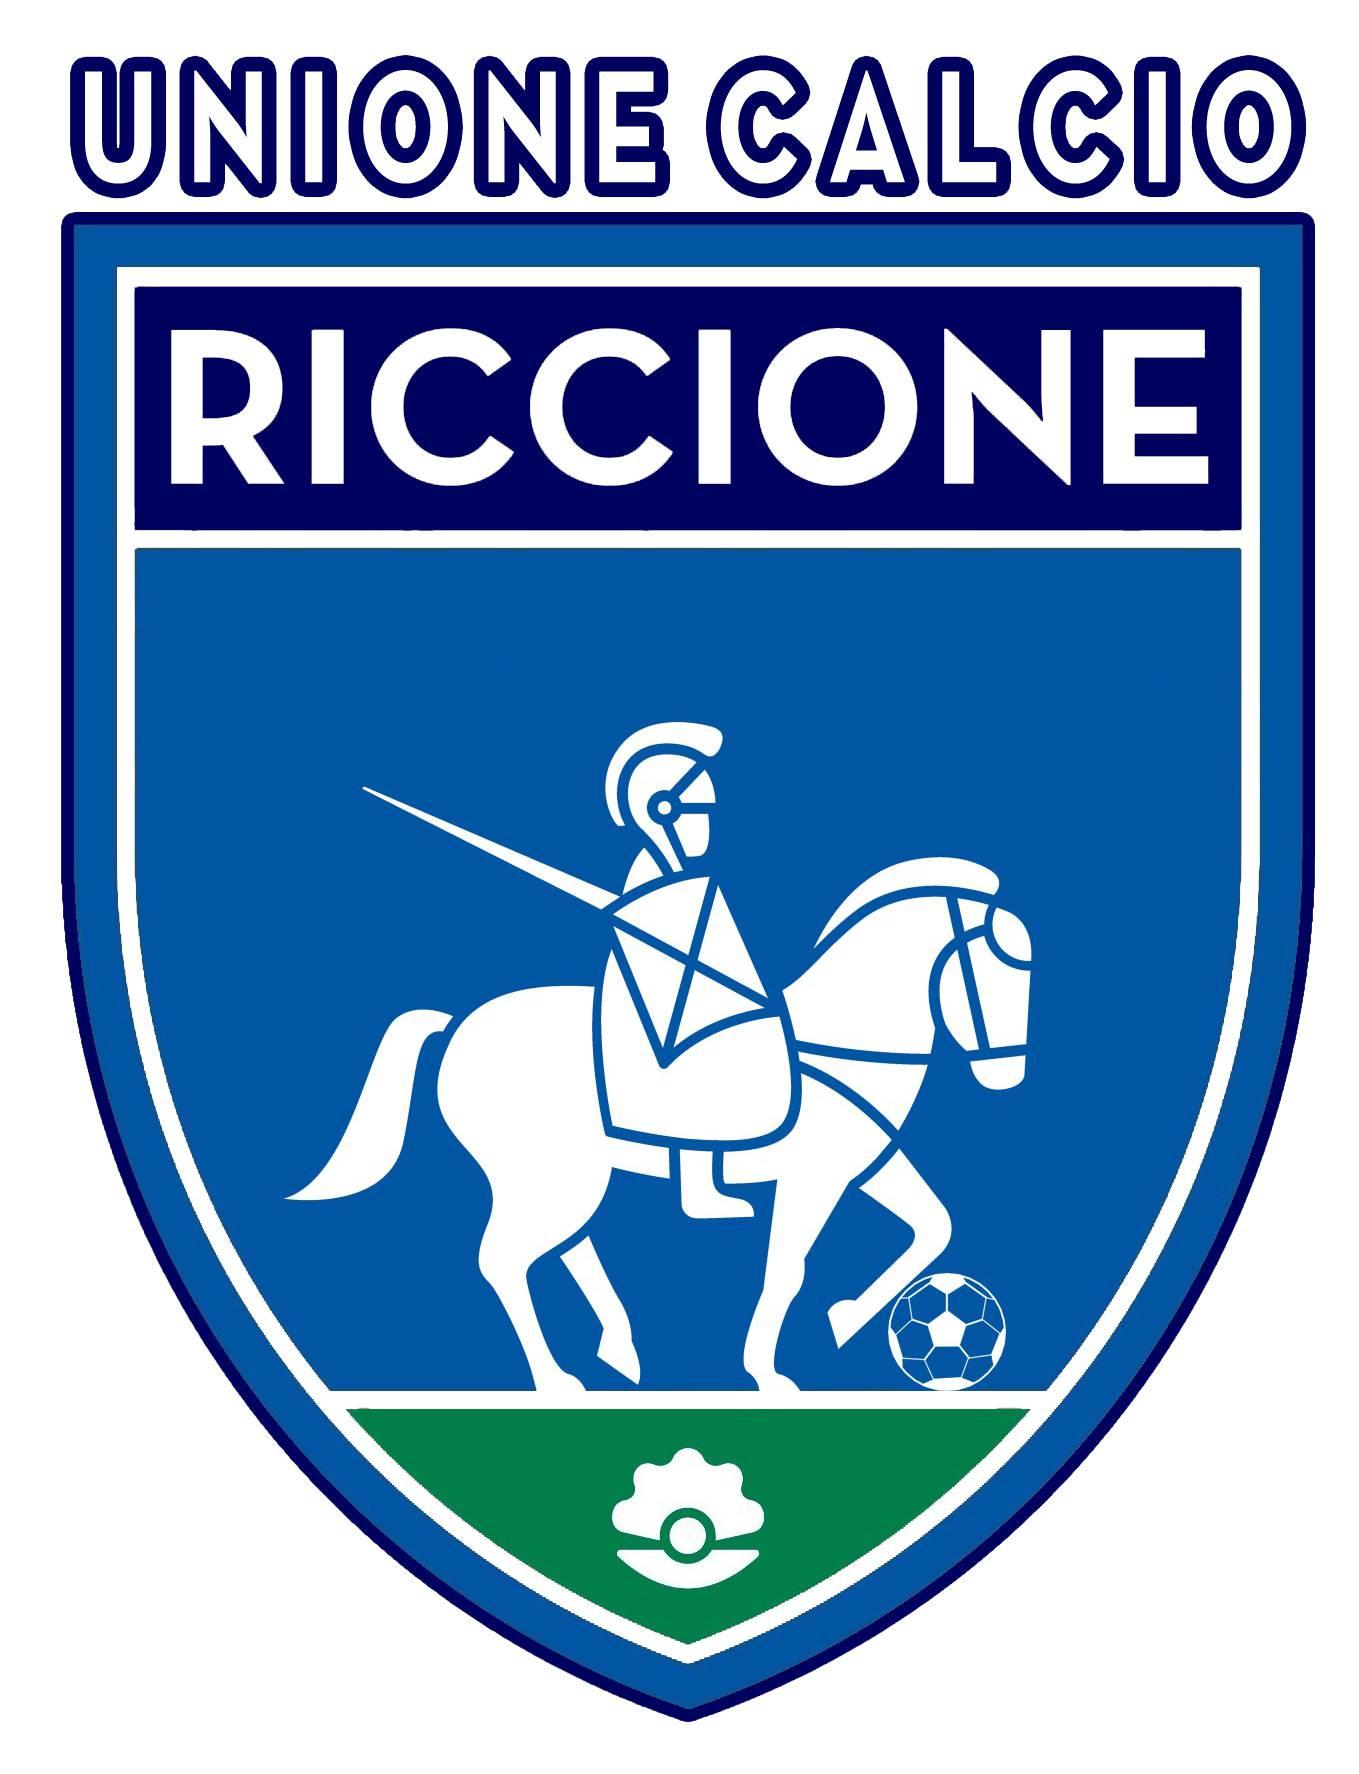 Unione Calcio Riccione non parteciperà